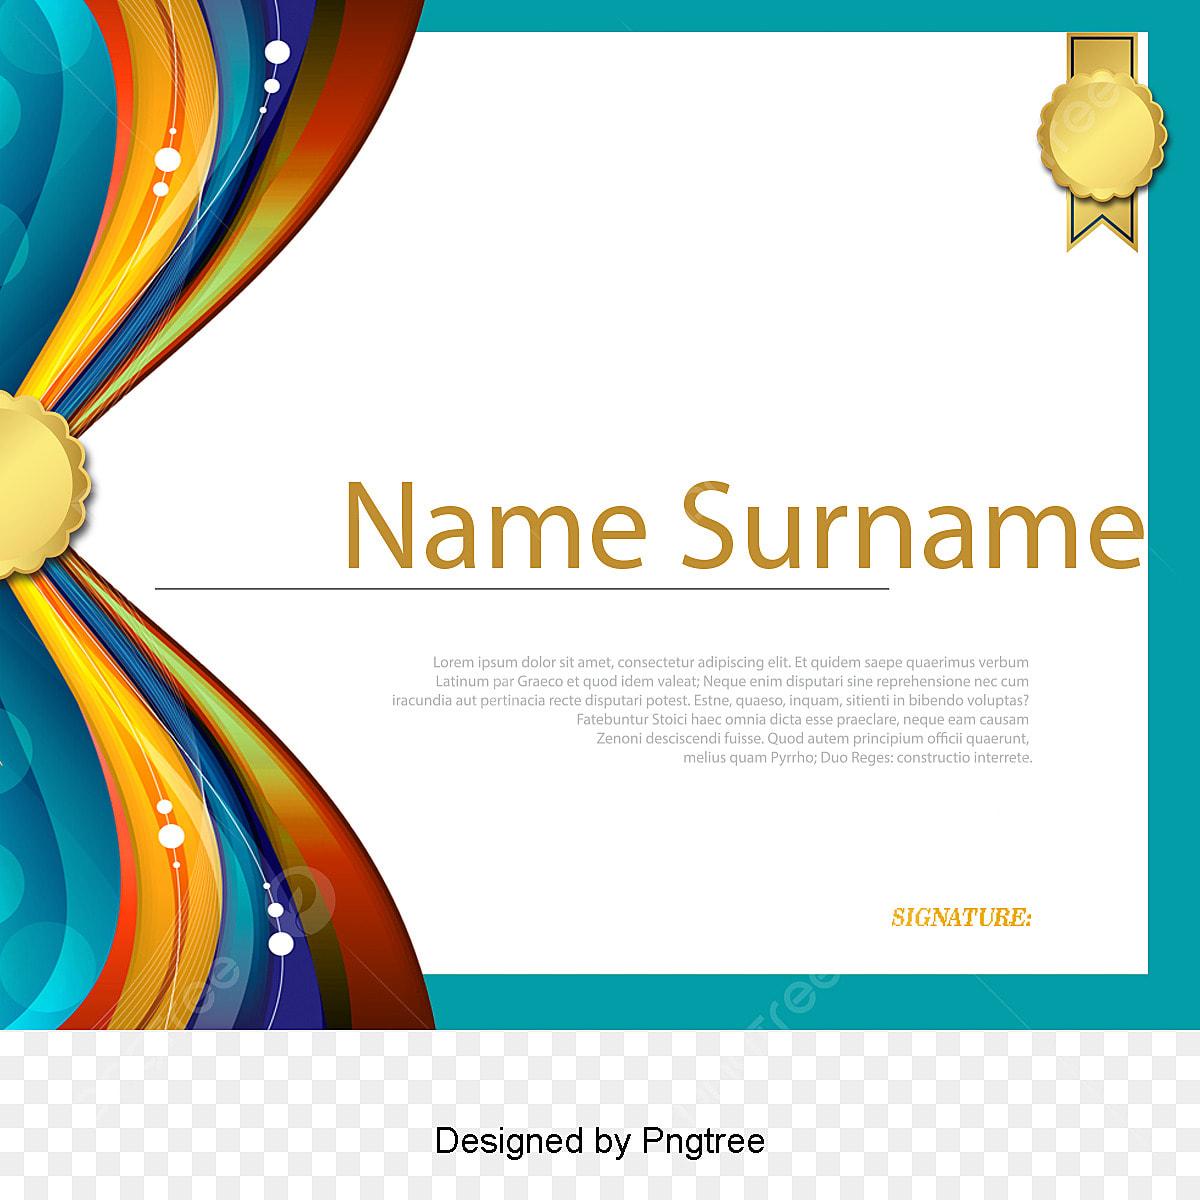 Certificat Anglais Dore Modele De Certificat Attestation De Formation Certificat Anglais Fichier Png Et Psd Pour Le Telechargement Libre